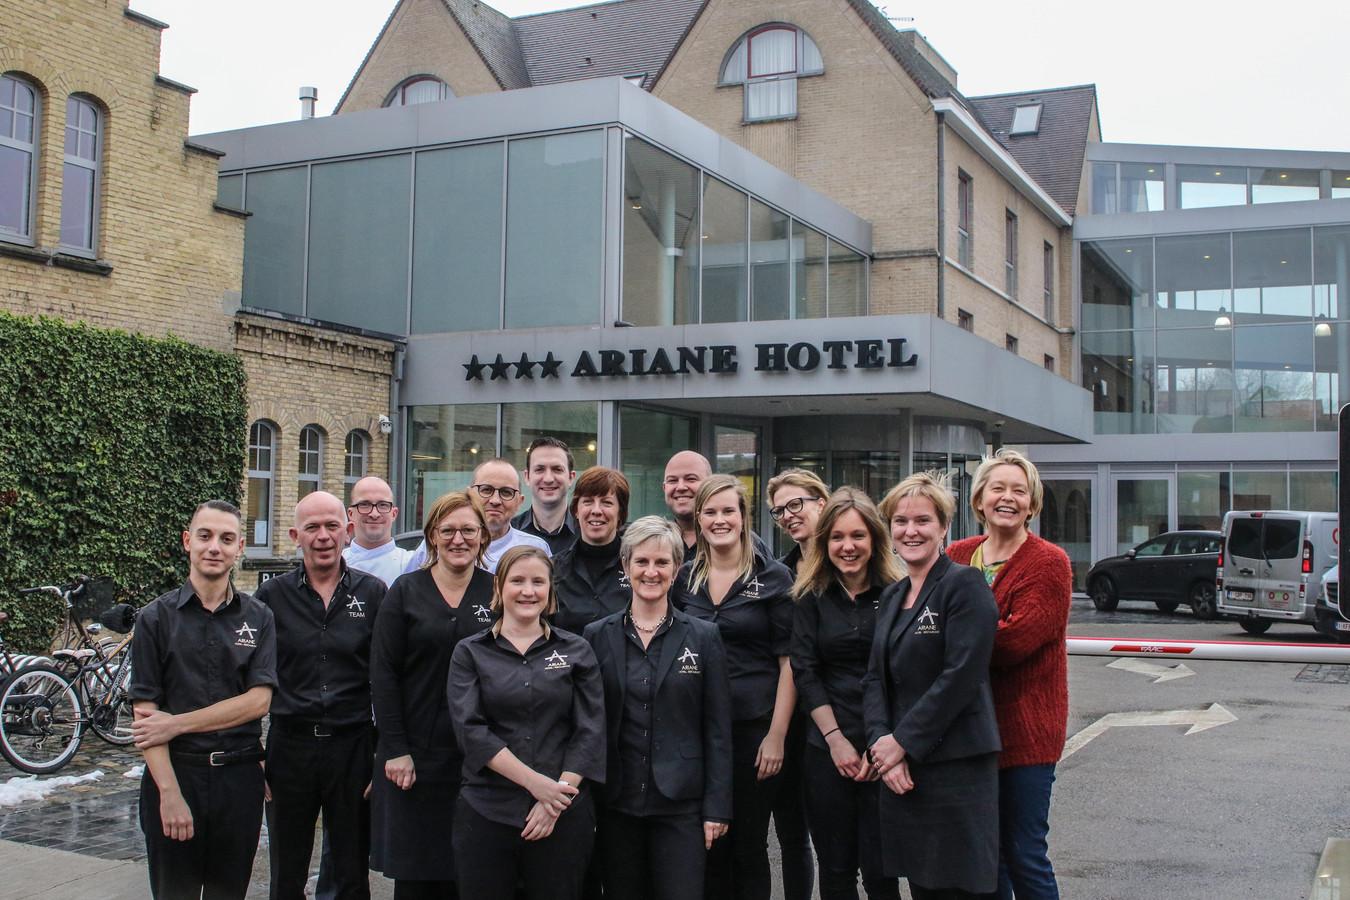 """""""Dankzij de volledige ploeg behaalden we een mooie score"""", klinkt het bij Ariane Hotel."""